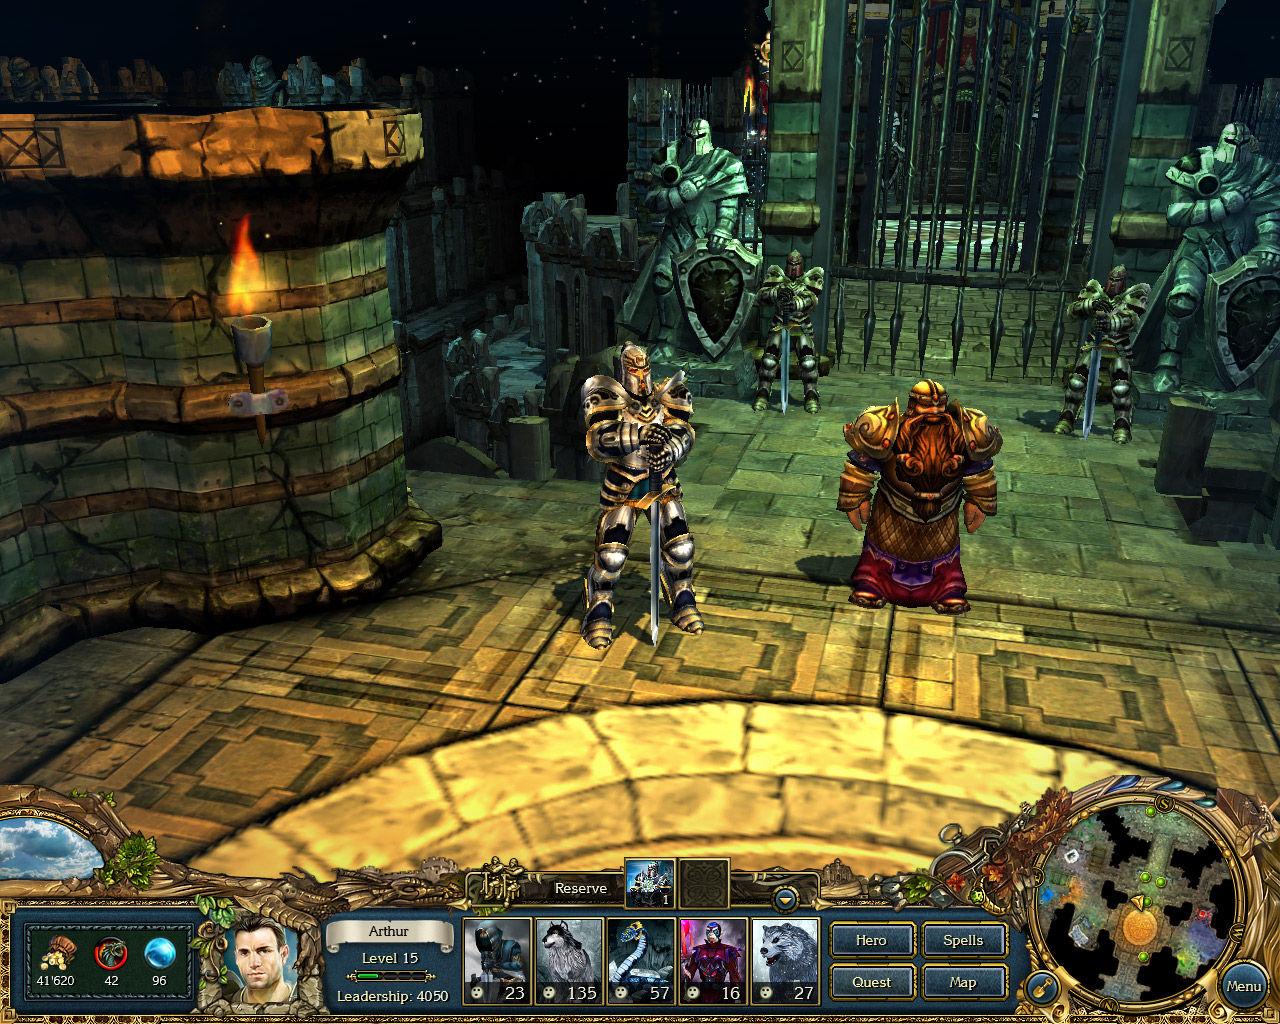 Kings Bounty Crossworlds Multilenguaje ESPAÑOL PC (PROPHET) 8